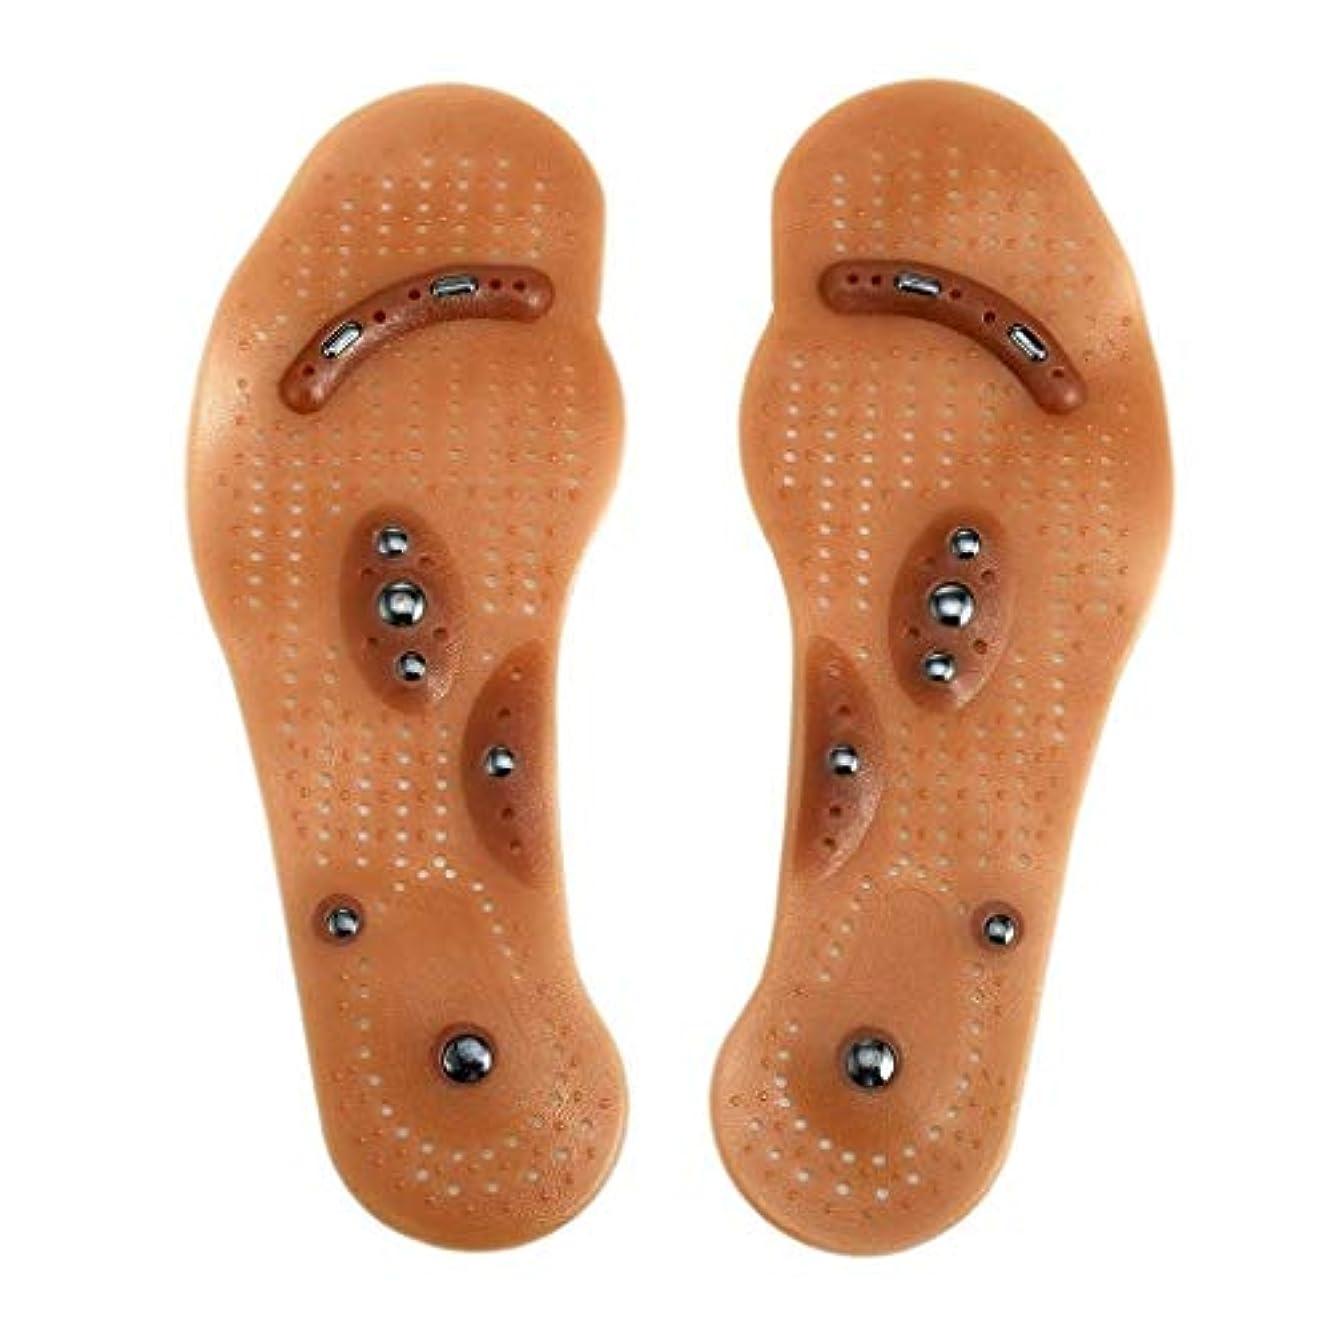 マエストロ磁石捨てる磁気マッサージインソール、指圧靴マッサージ効果インソール健康足医療援助足リフレクソロジーは、血液循環疲労を促進します (Size : M)